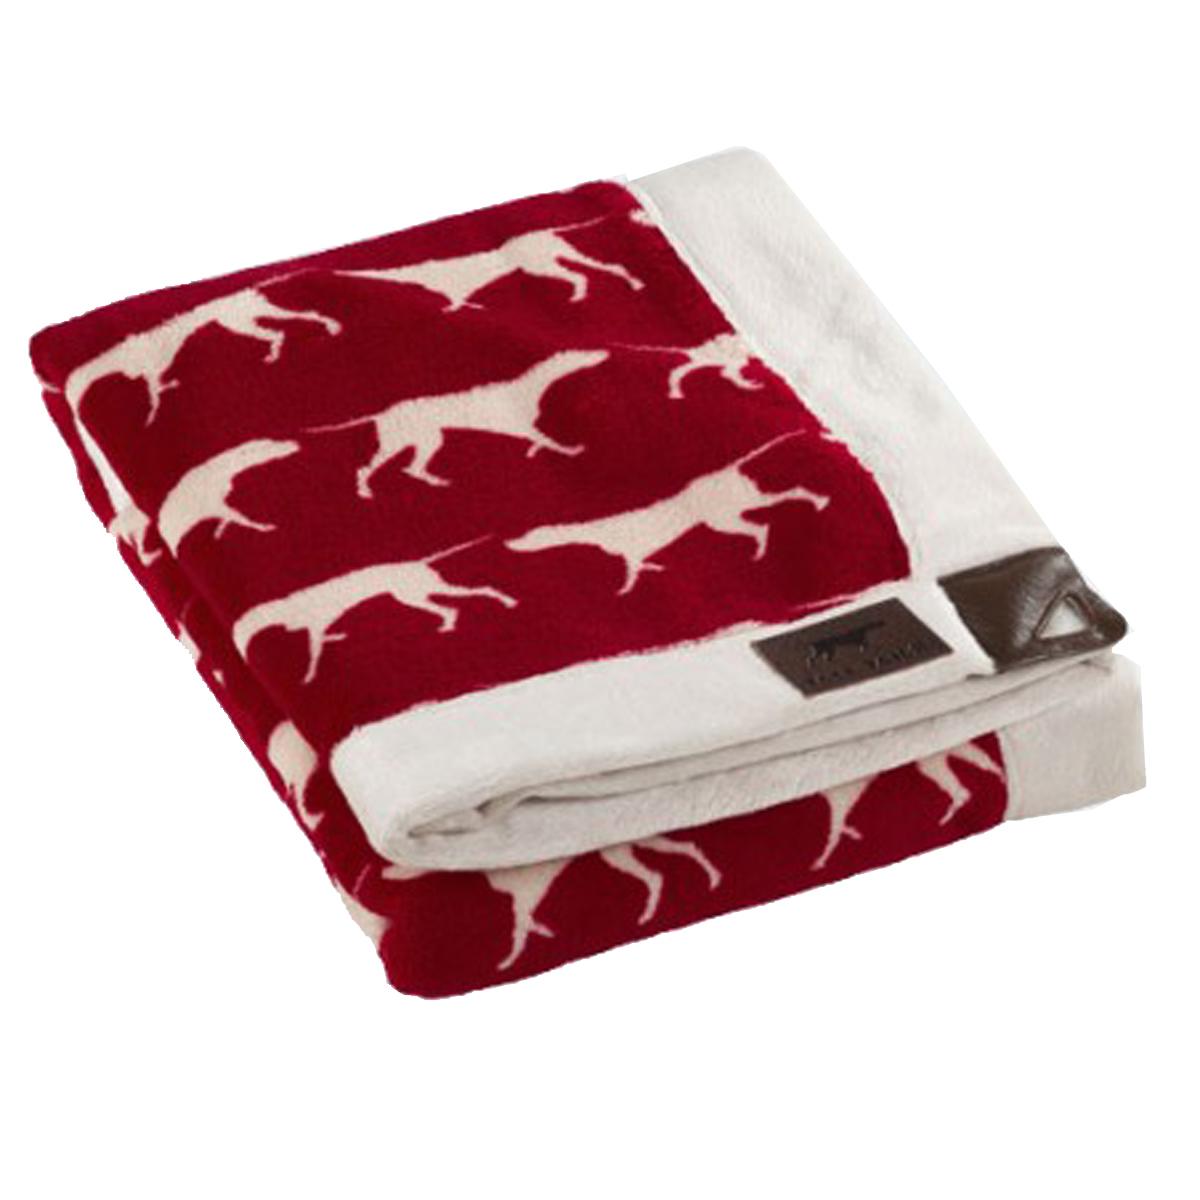 Dog Blanket For Bed